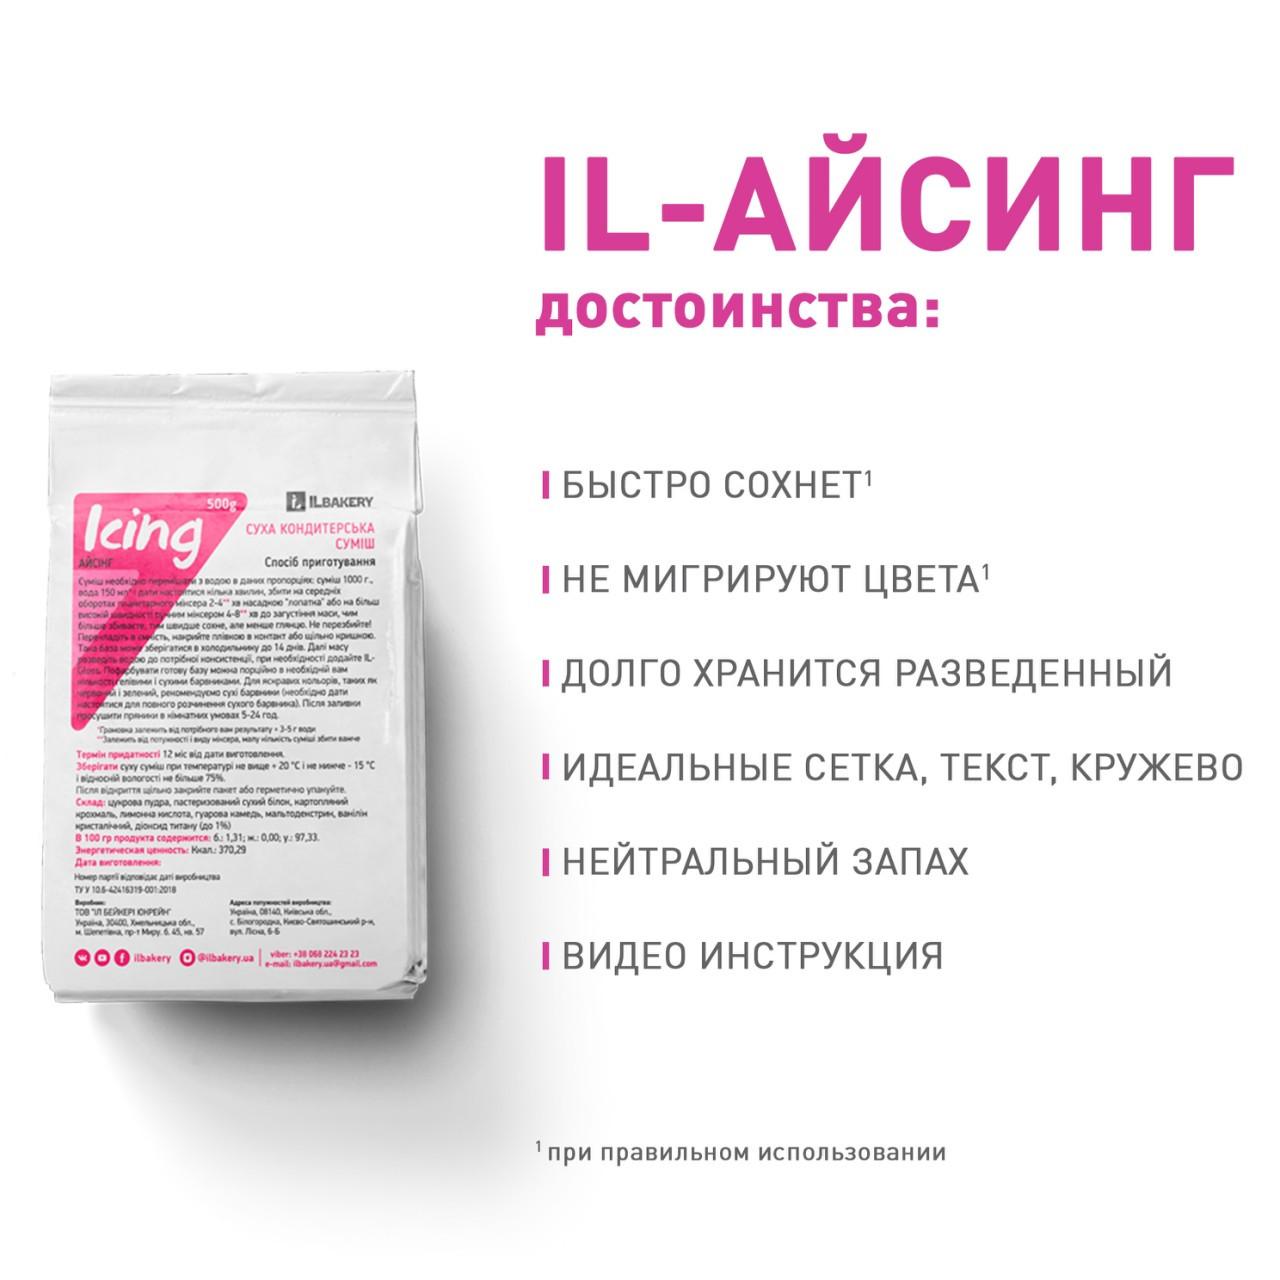 Сухая кондитерская смесь IL-Айсинг 500гр  Россия-06516